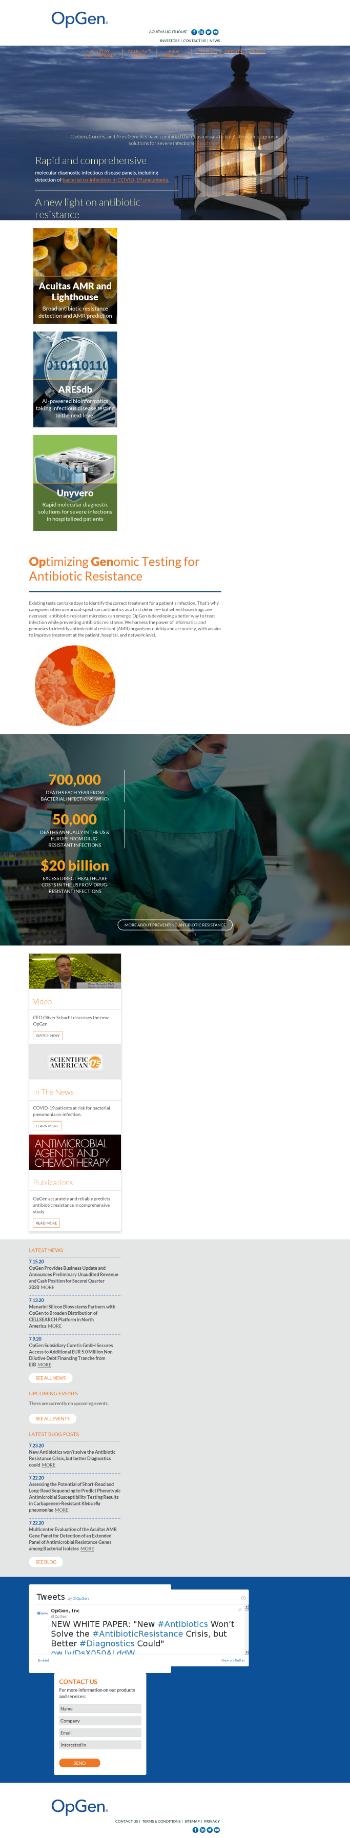 OpGen, Inc. Website Screenshot